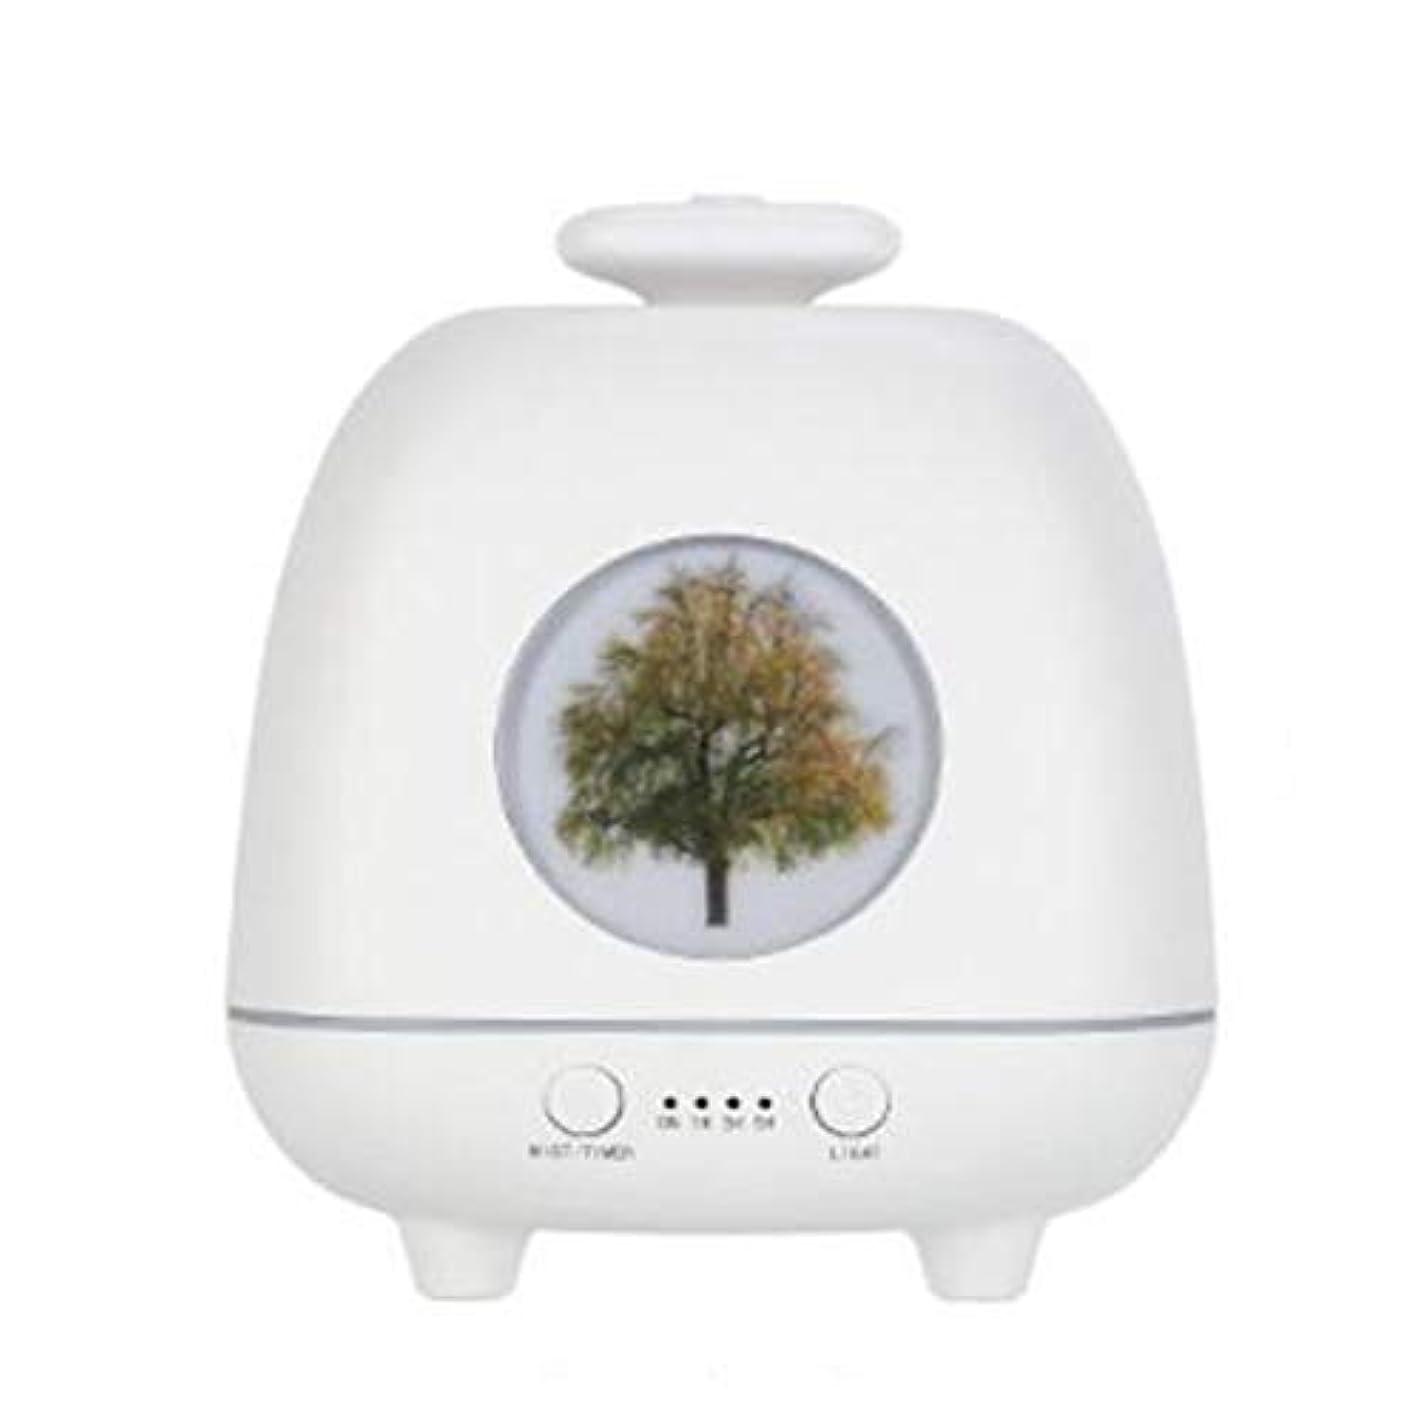 私の錆び助言涼しい霧 香り 精油 ディフューザー,7 色 空気を浄化 4穴ノズル 加湿器 時間 加湿機 ホーム Yoga デスク オフィス ベッド- 230ml